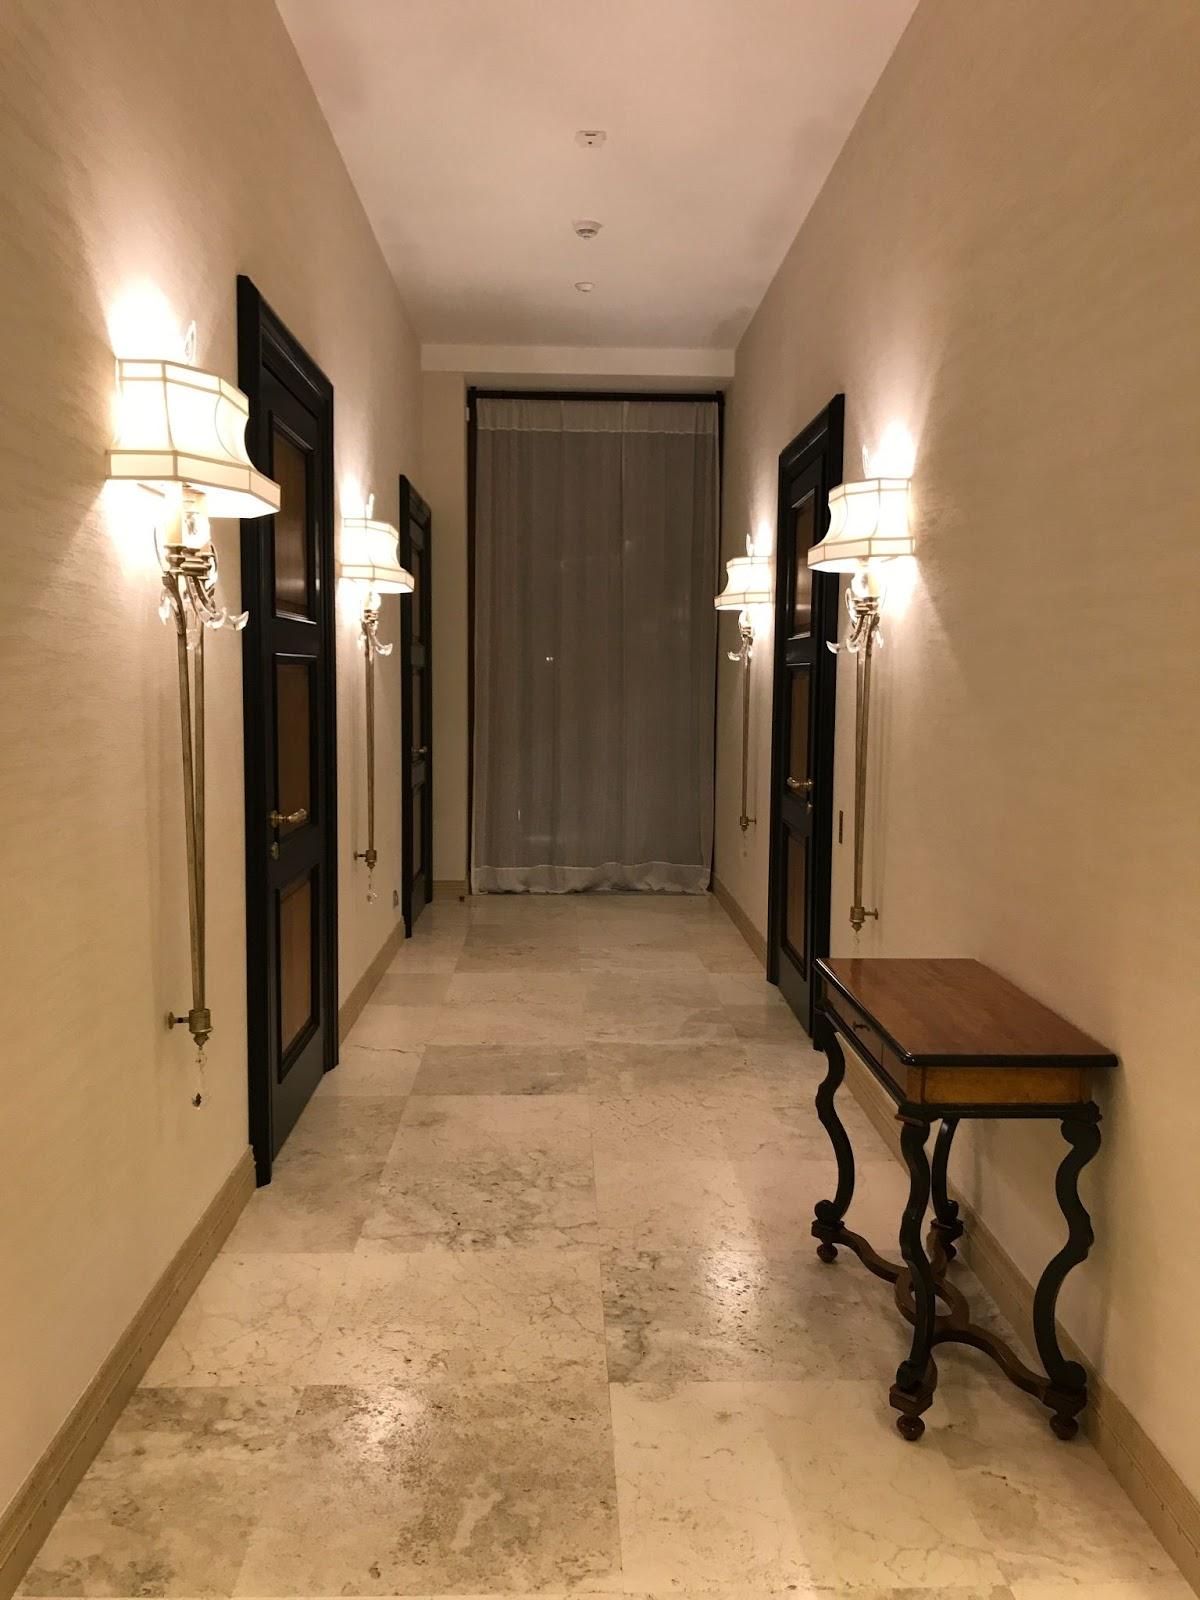 Textured flooring or wood walls